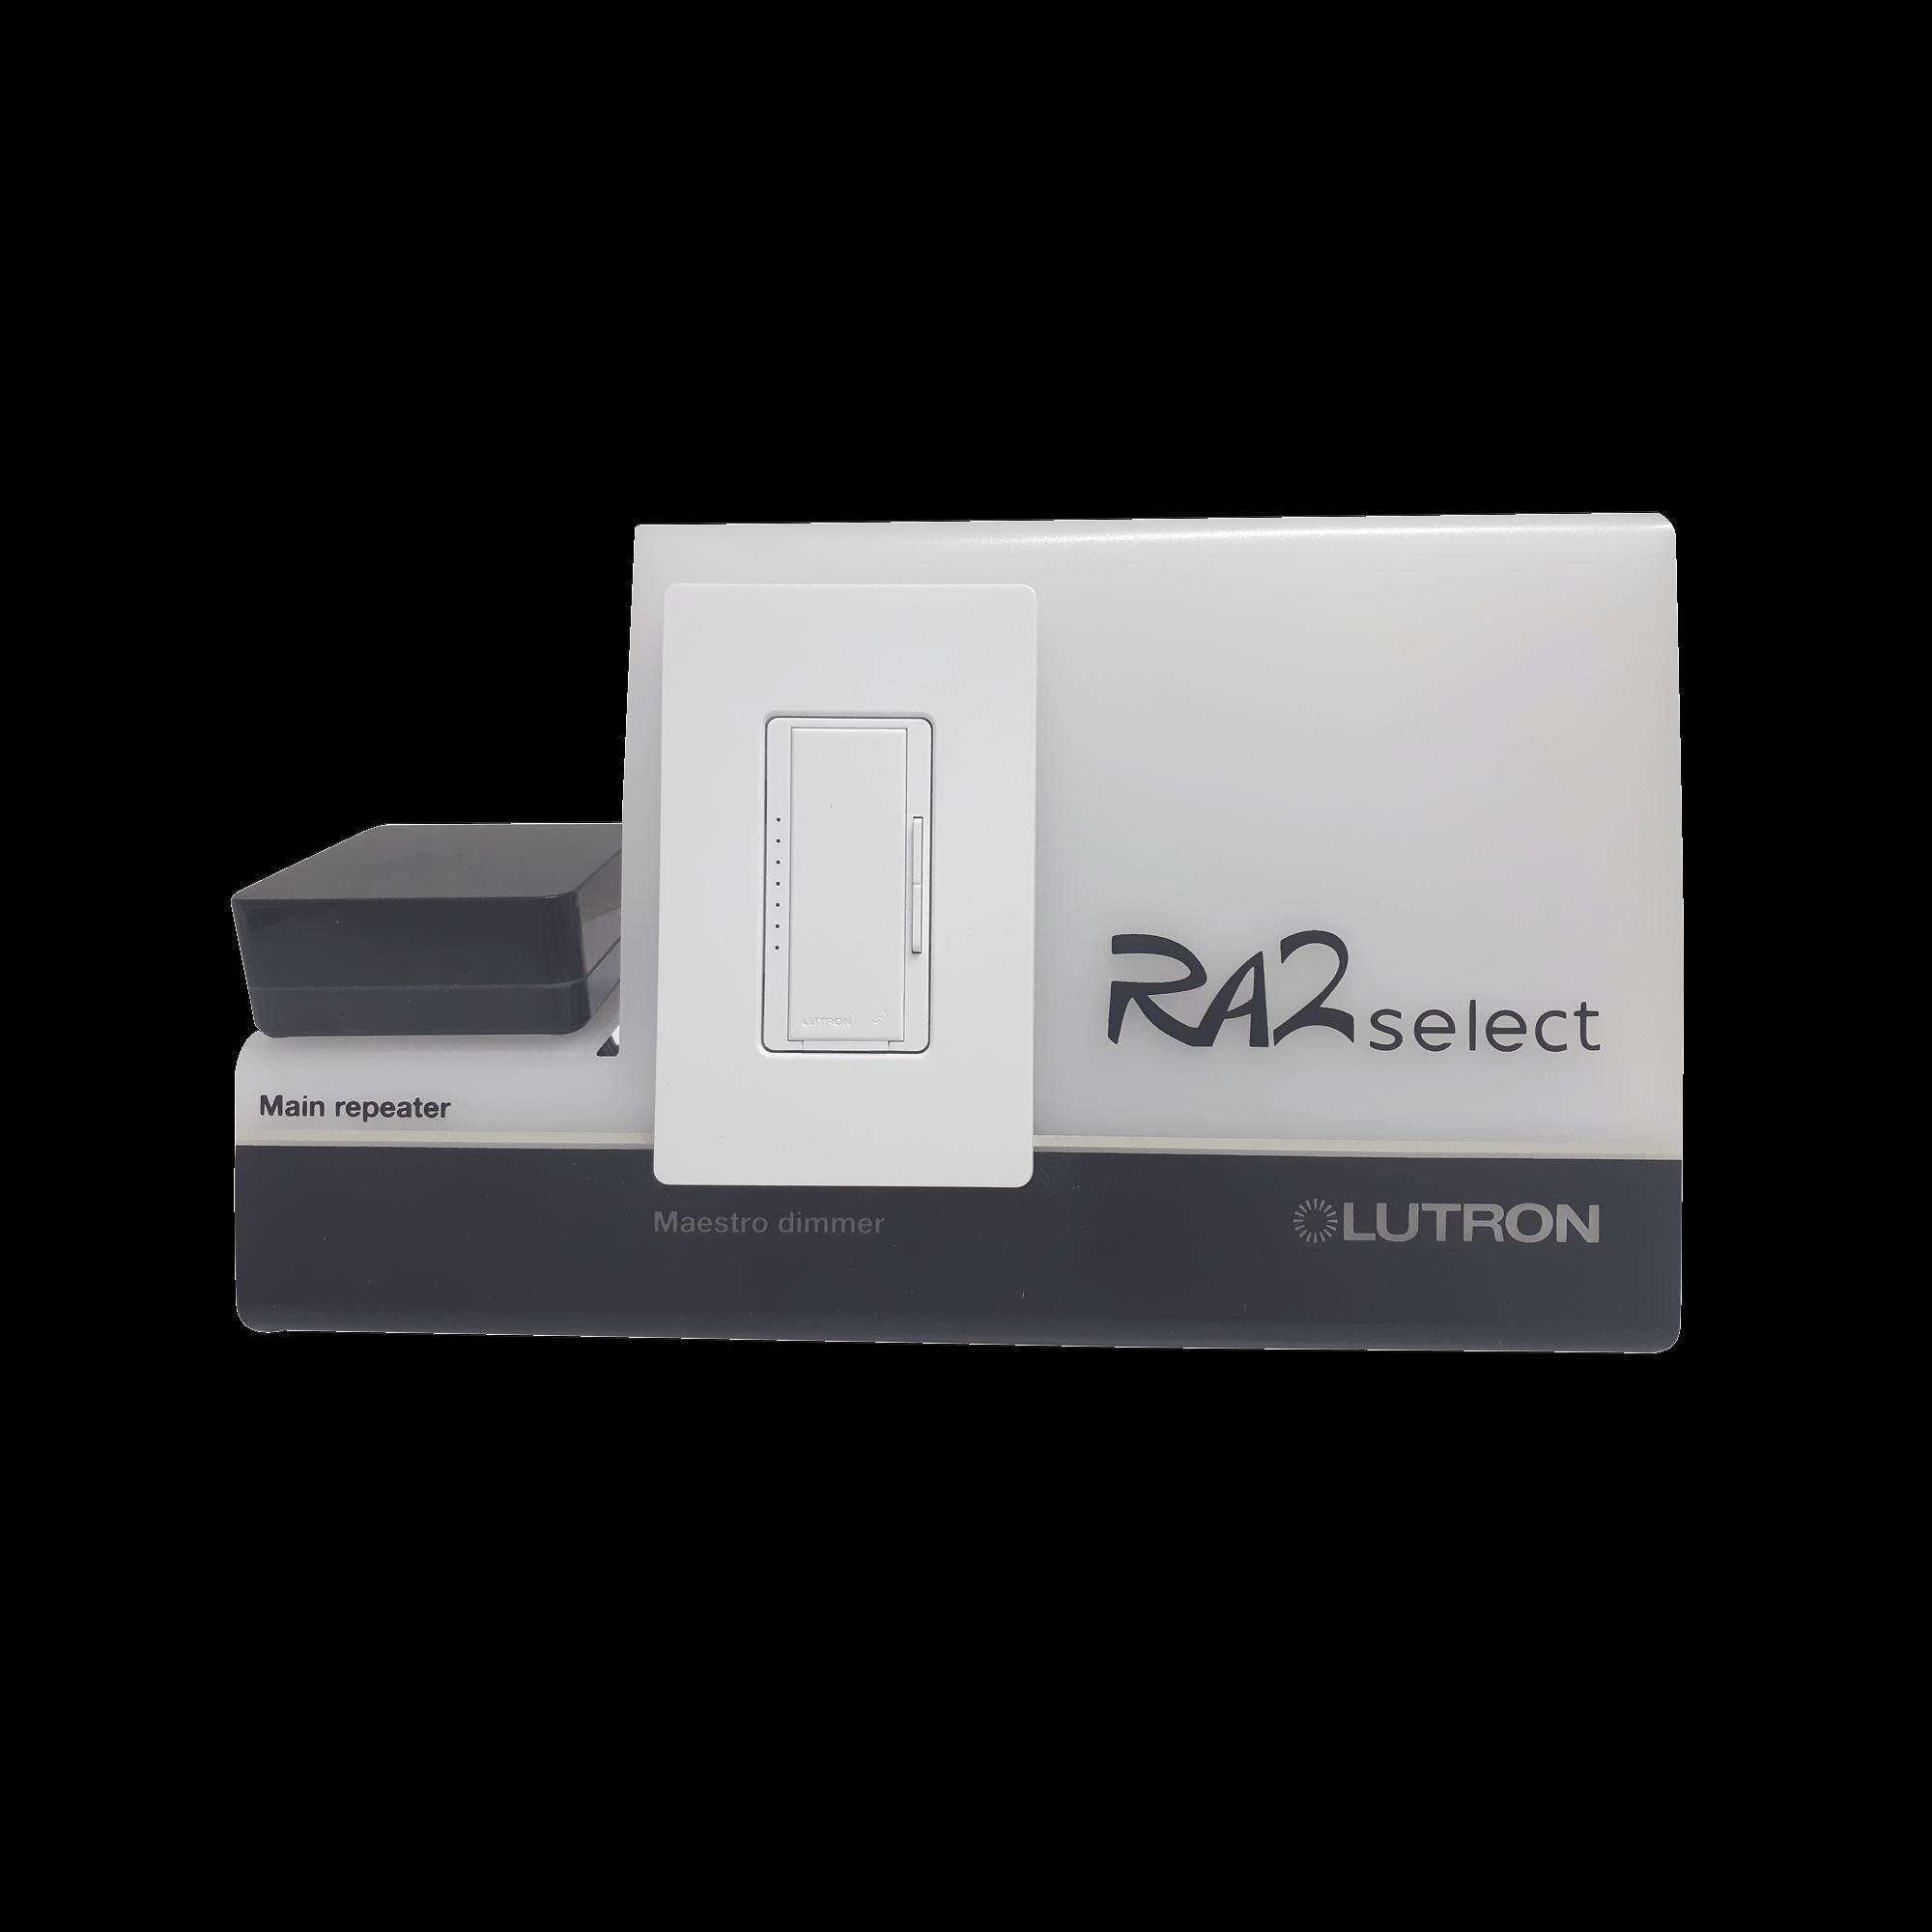 Demo de RA2 Select, genere demostraciones de la solución en control de iluminación..